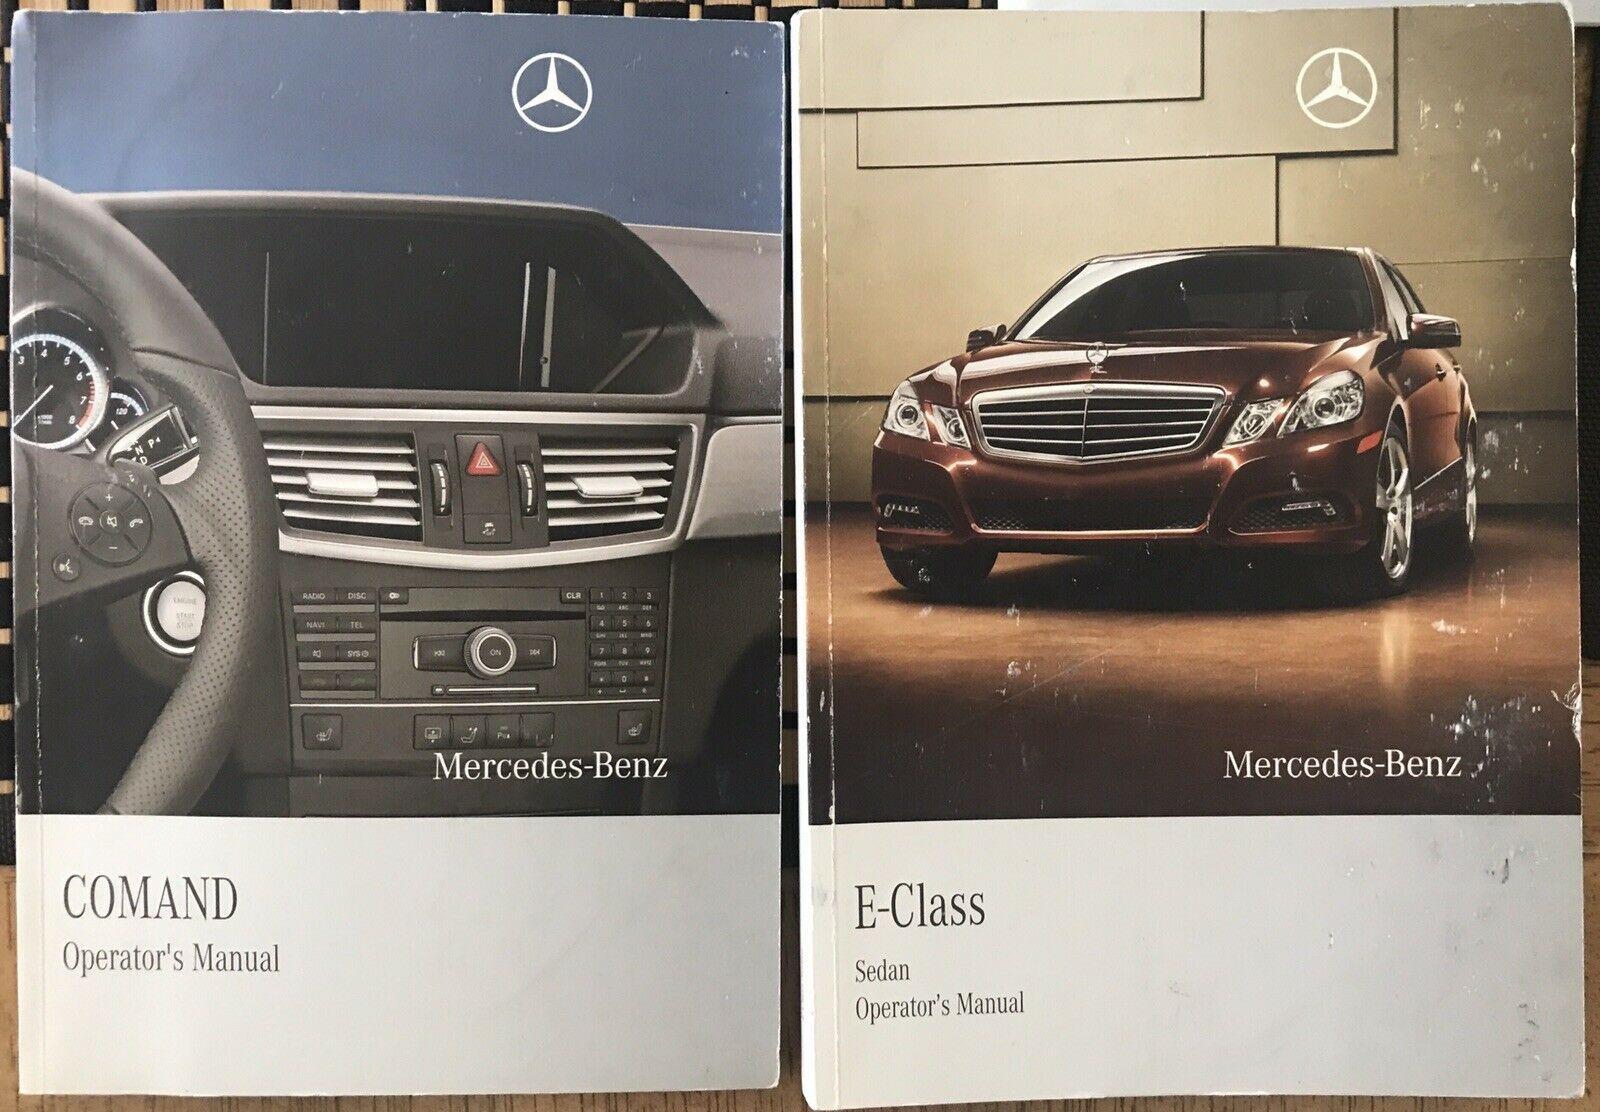 Mercedes E350 E550 W212 E Class Owners Manual Case Manuals OEM